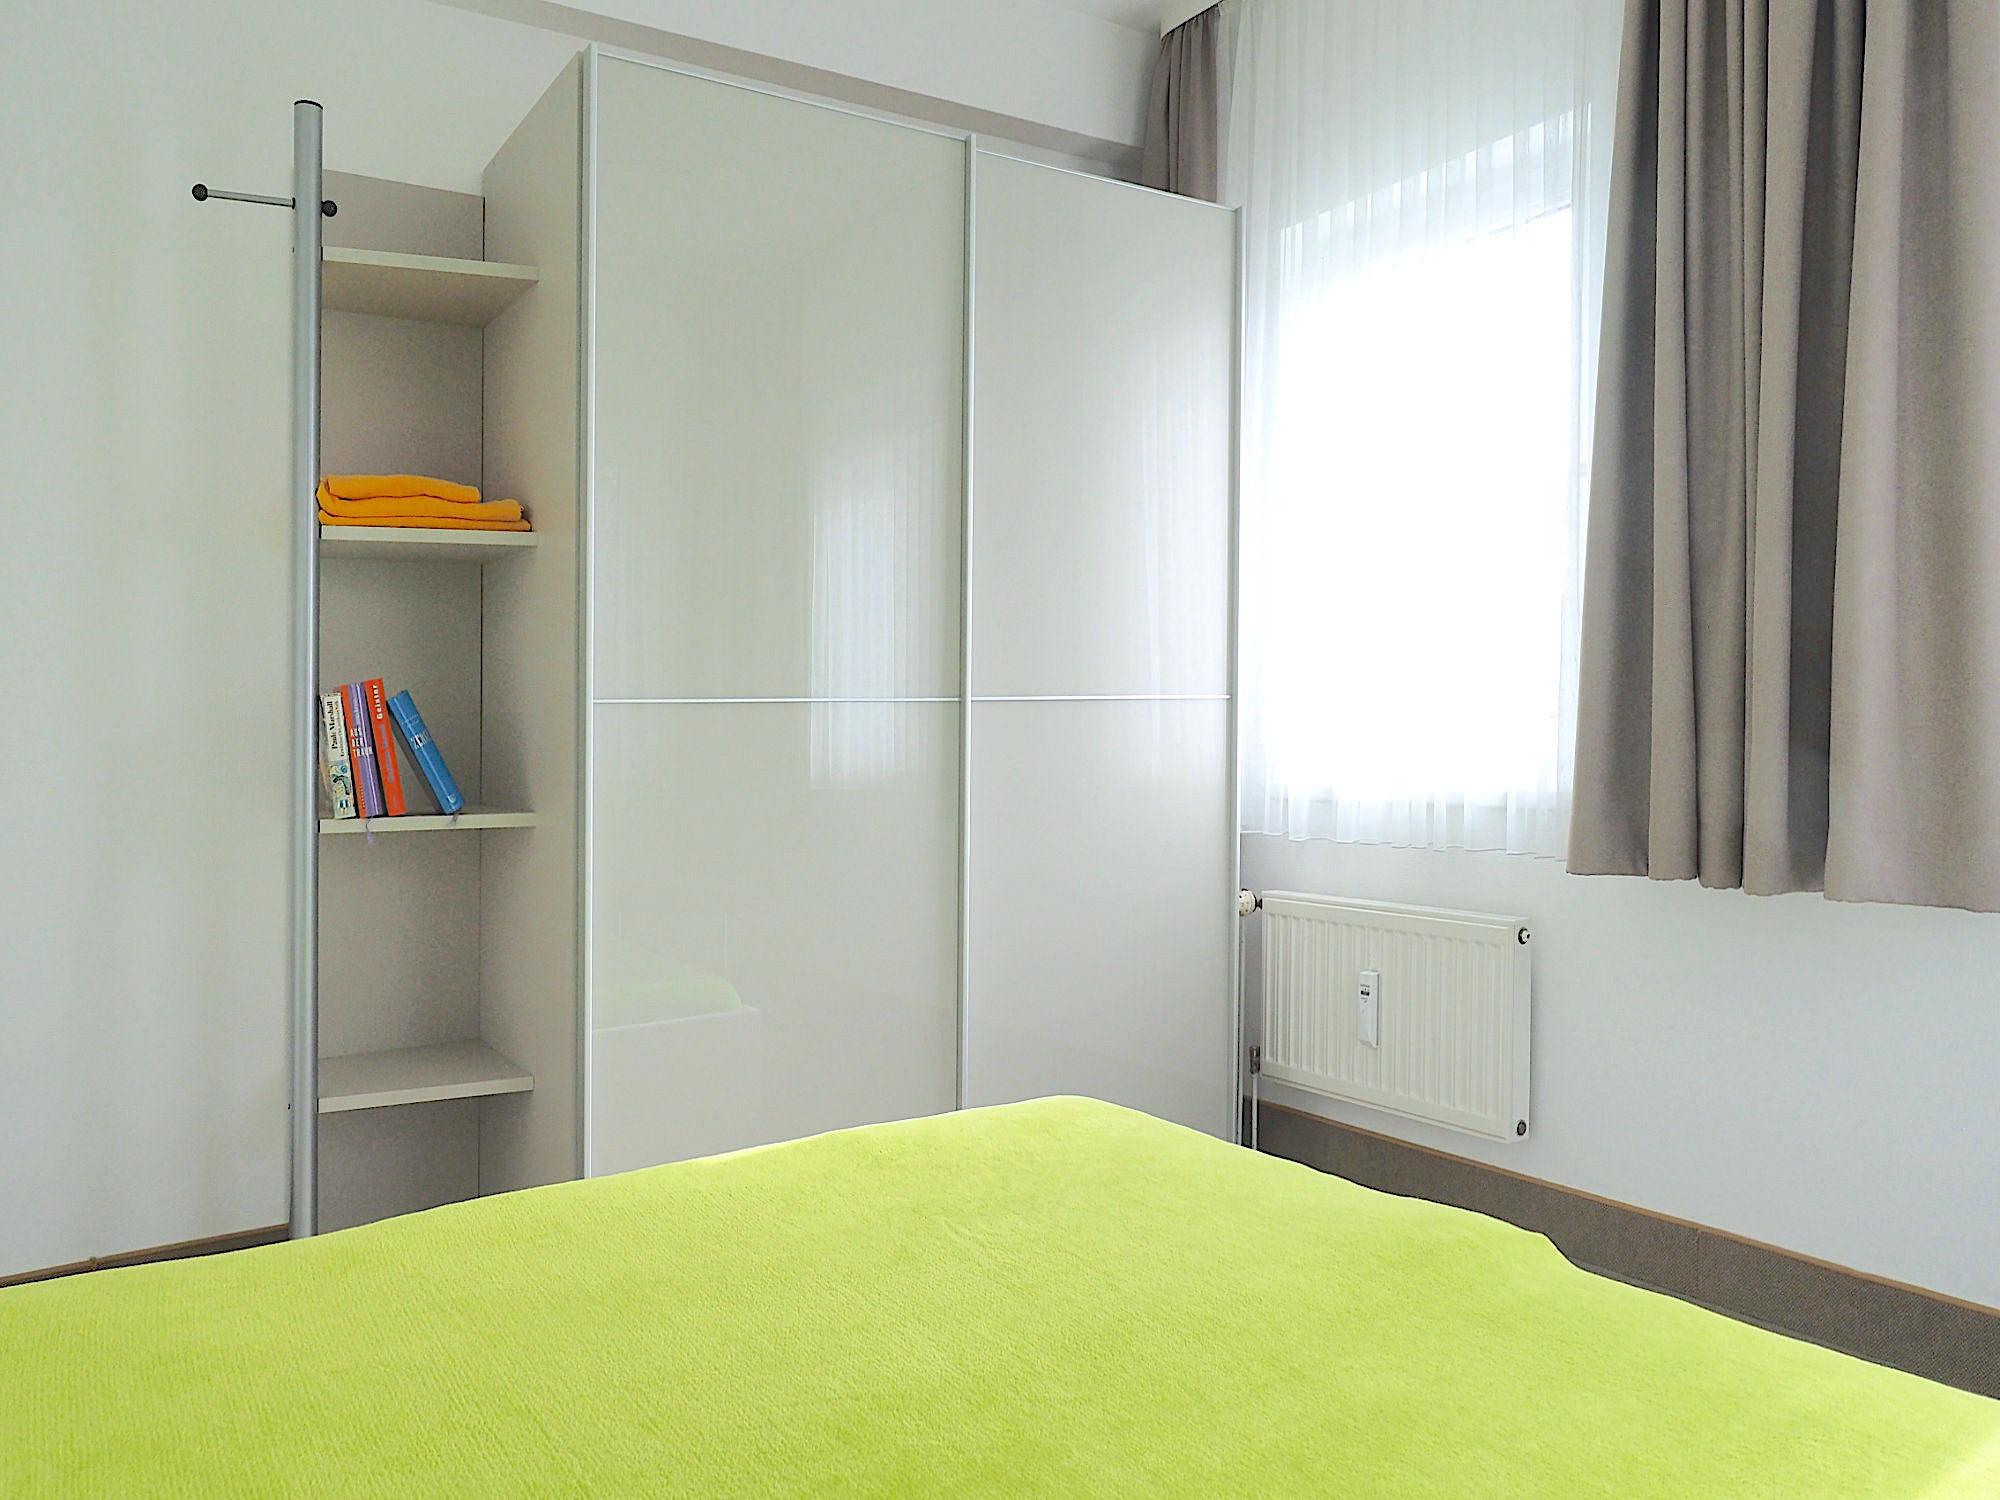 Zweites Schlafzimmer mit Doppelbett, dahinter ein großer Kleiderschrank mit Regalteil, rechts ein Fenster